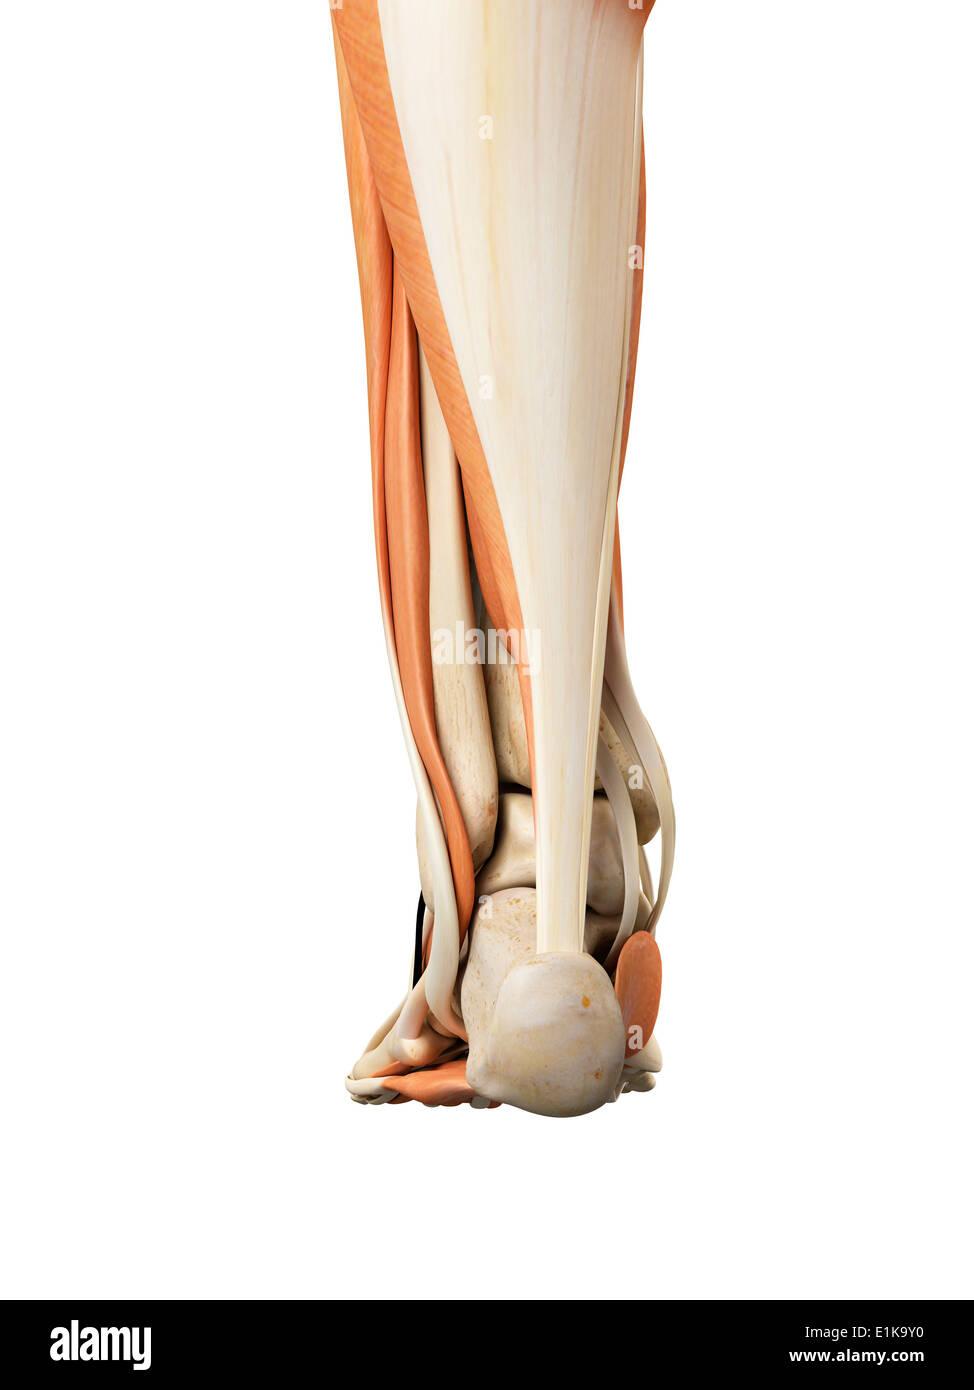 Human Heel Anatomy Stock Photos & Human Heel Anatomy Stock Images ...